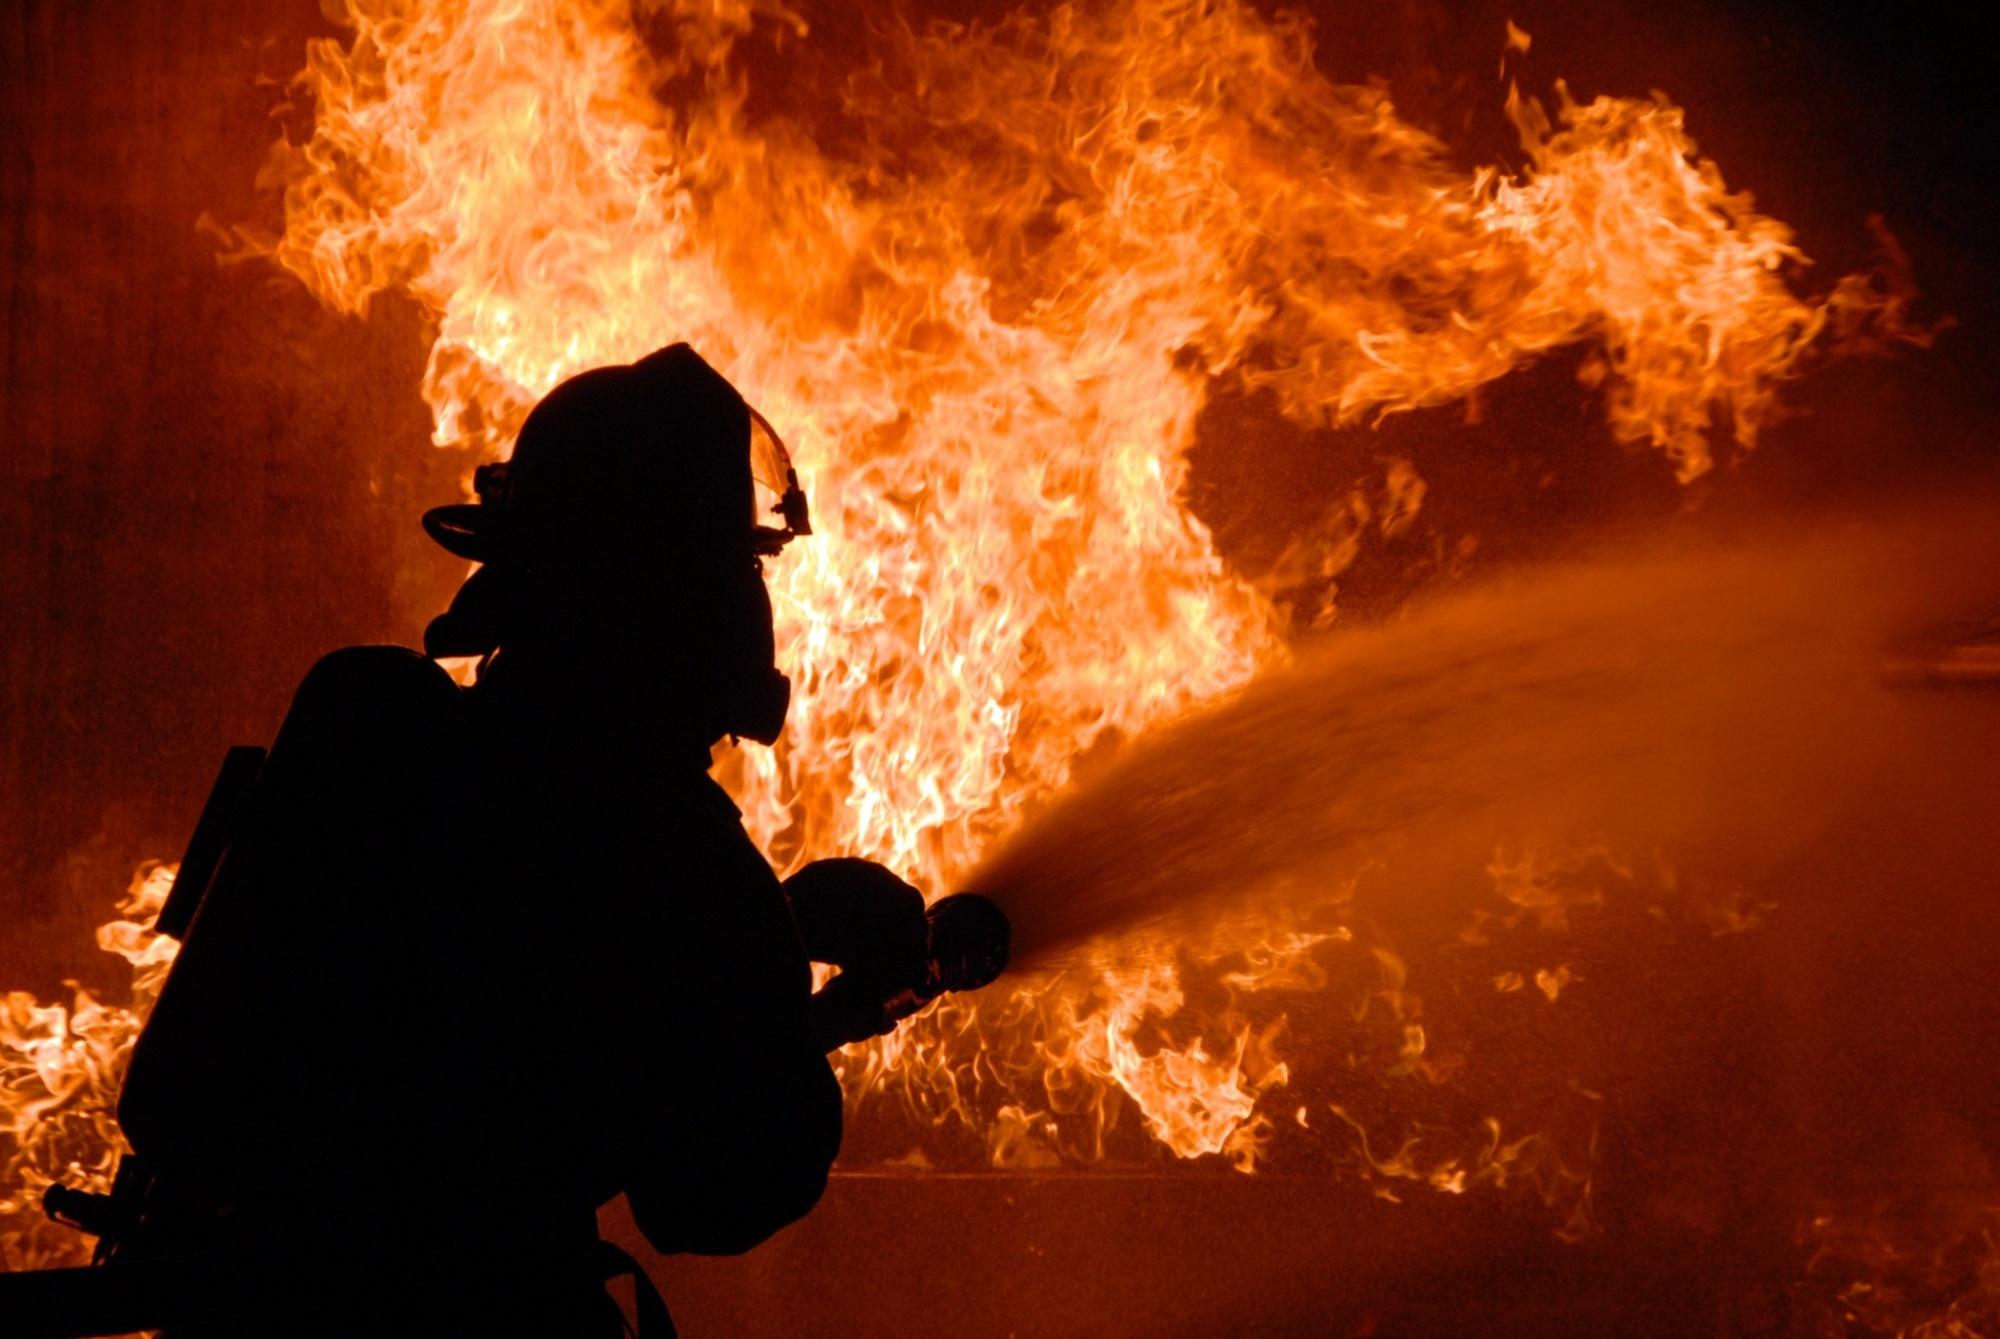 Забайкальские пожарные ликвидировали возгорание жилого двухэтажного дома